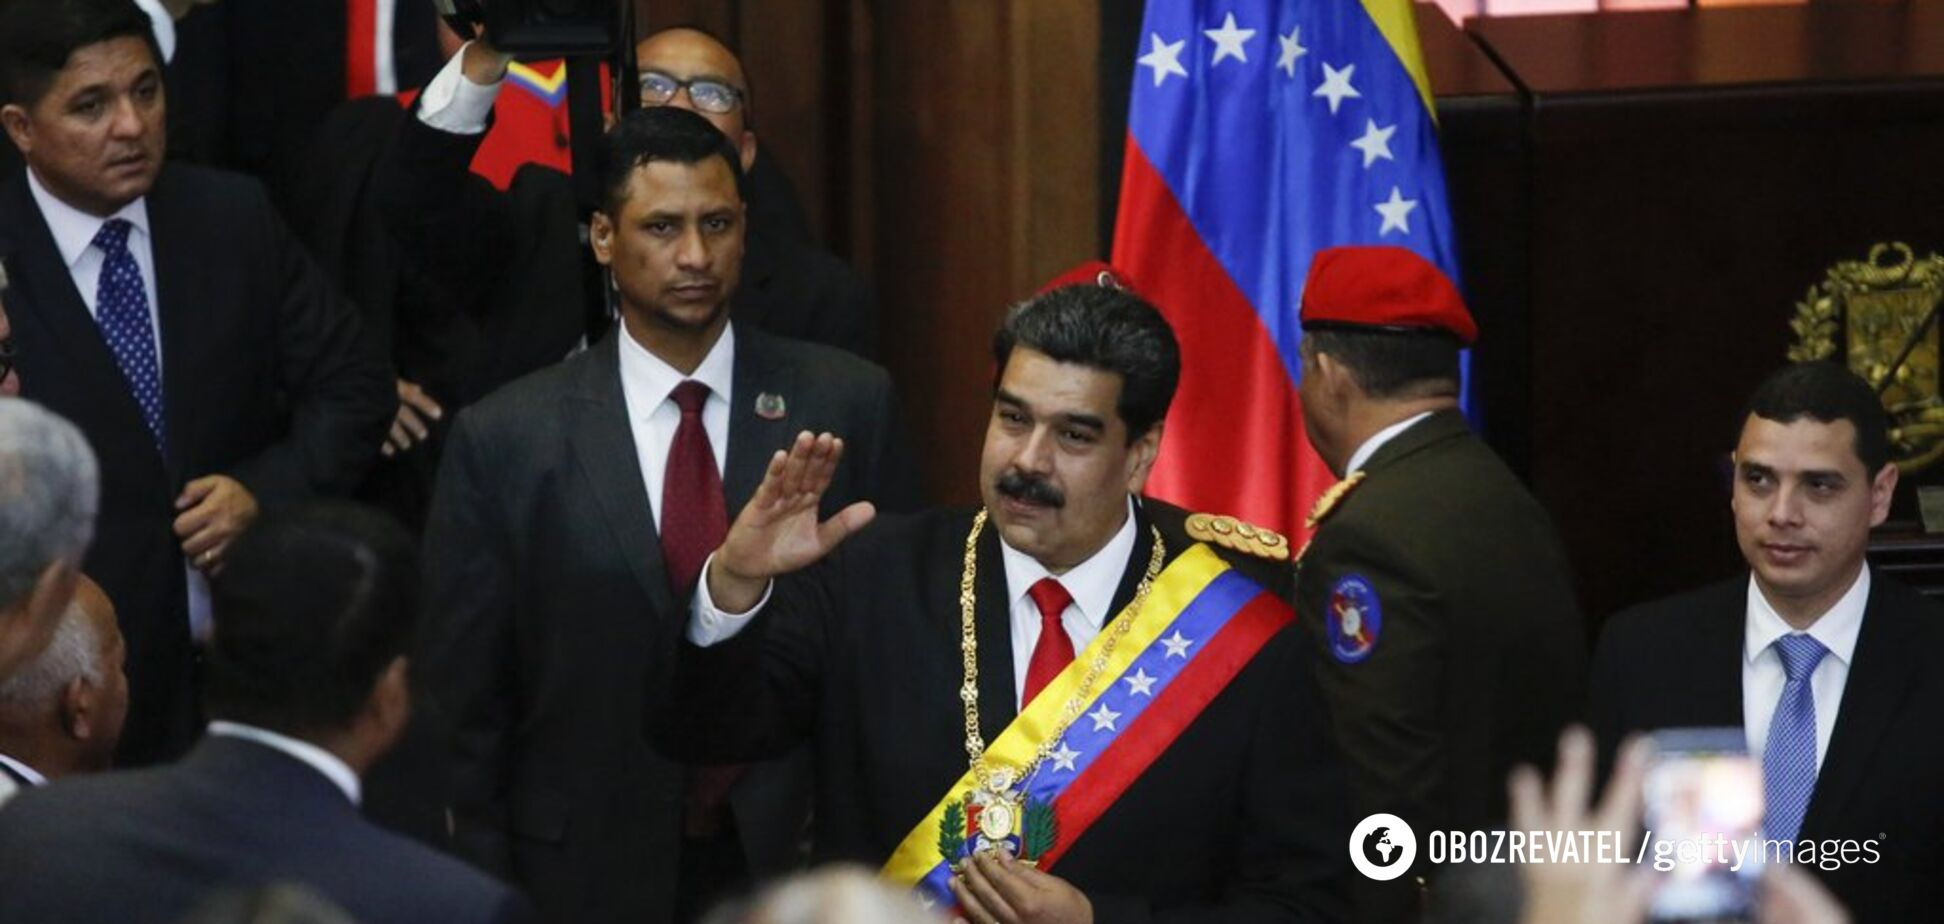 Чому падіння режиму Мадуро засмутить Кремль